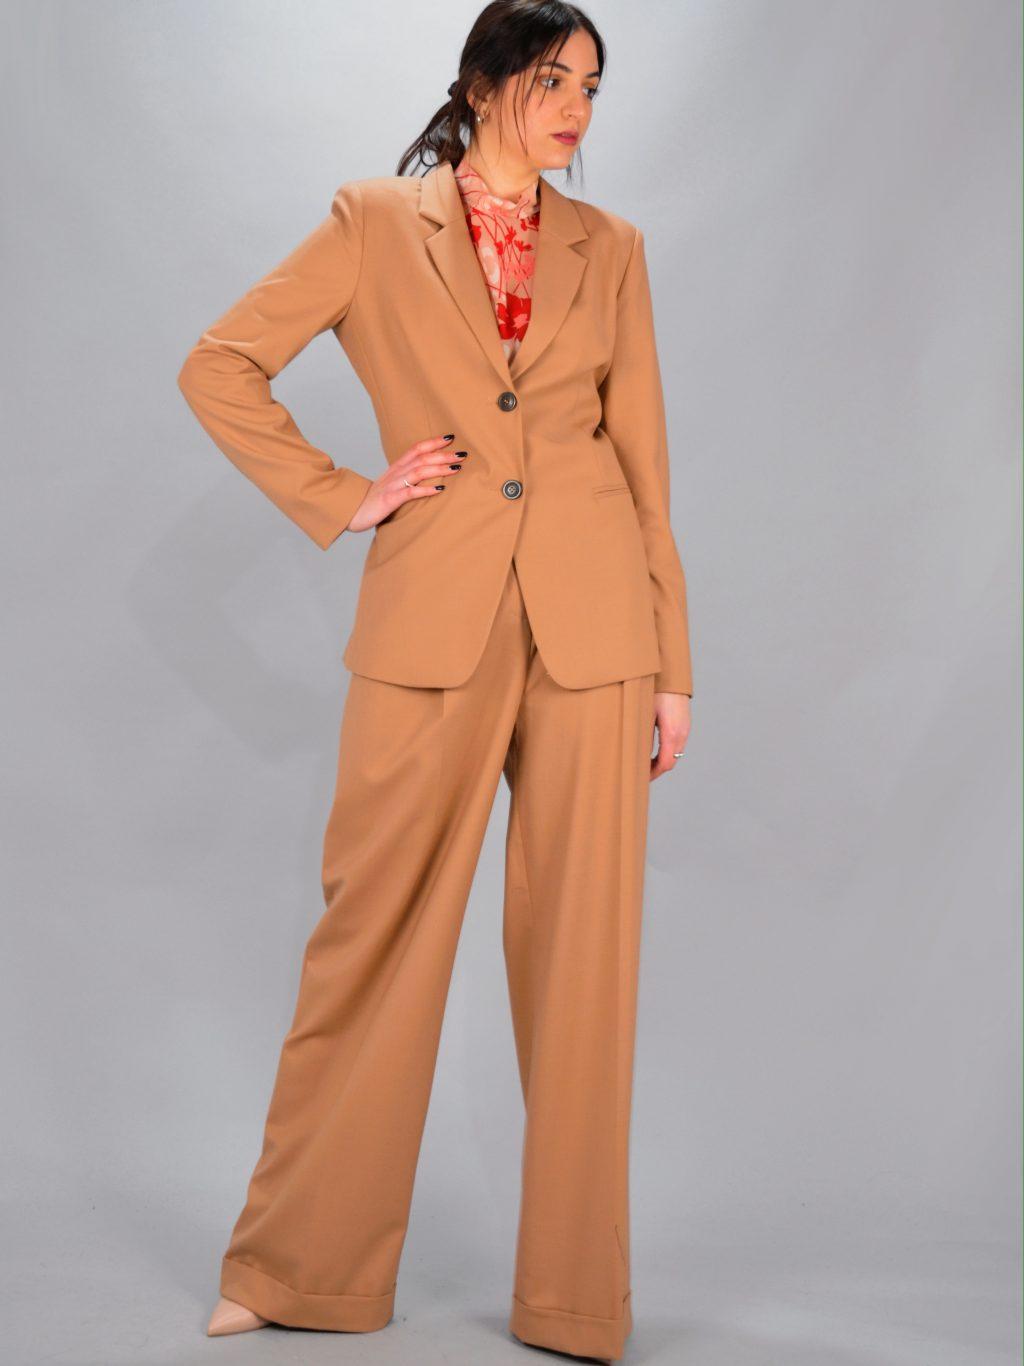 Γυναικεία Ρούχα TWIN-SET ΚΟΣΤΟΥΜΙ